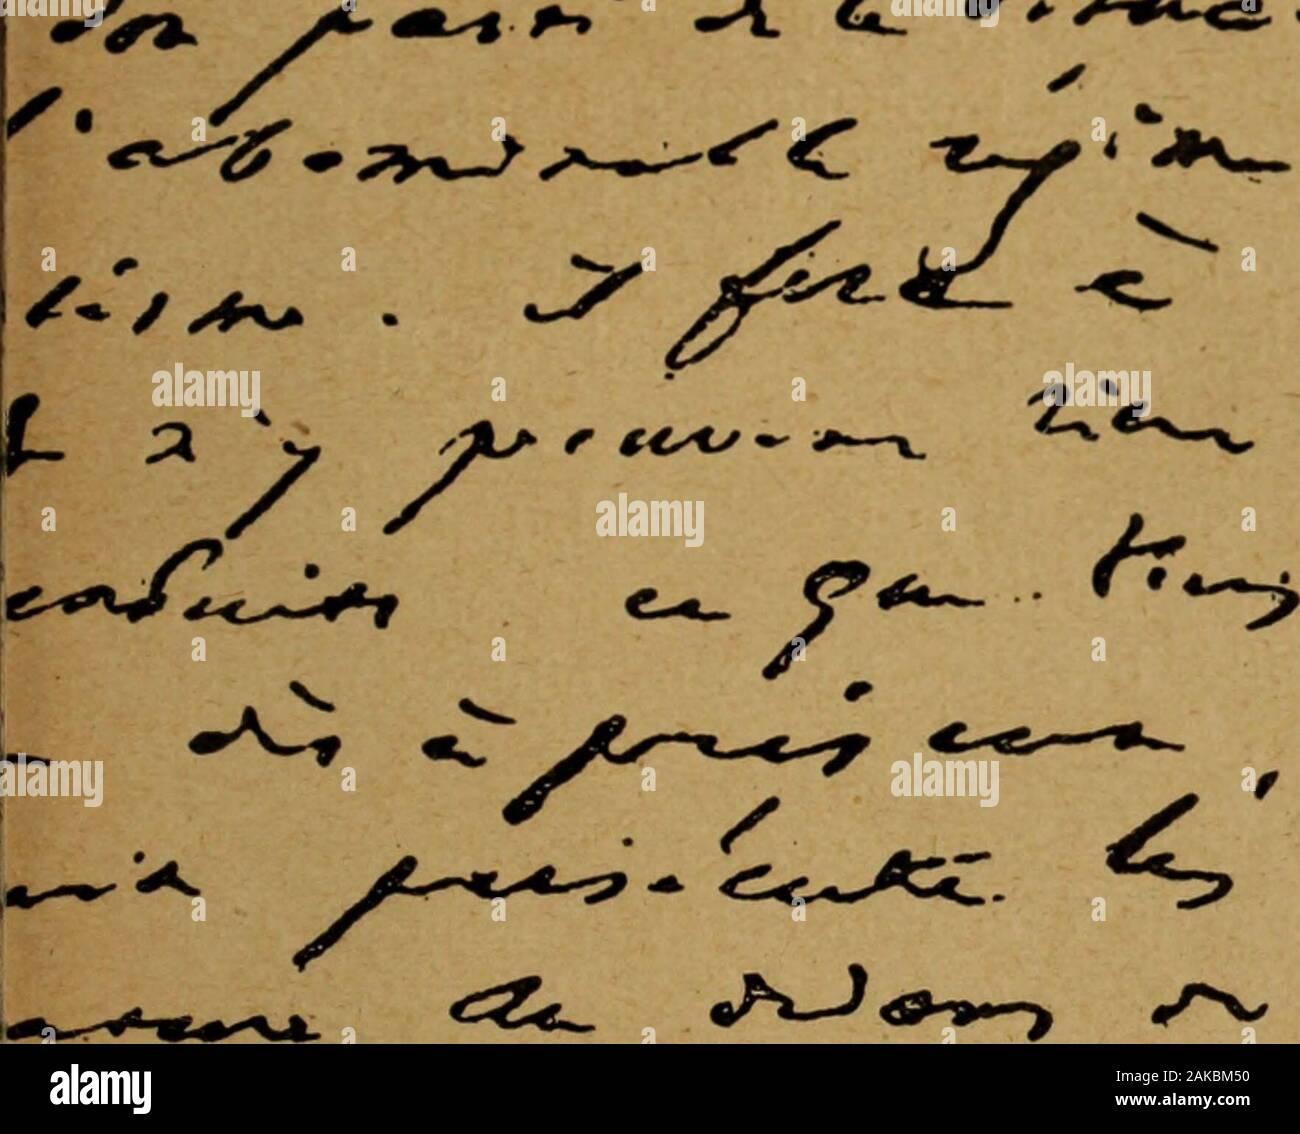 """L'envers de la gloire: enquetes et documents inedits sur Victor Hugo.- ERenan.- Émile Zola.- Edgar Quinet.- Le PDidon.- Ferdinand Fabre.- Rachel.- Le prince de Monaco.- ChGarnier.- Hervé.- Marie Dorval.- Frédérick Lemaître.- Marie Laurent.- Henri Heine.- Alfred de Musset.- Gavarni, etc, etc . *^^v>g """"^» ^ j*L.€^^y e*-^^ ^Xj vr/ ^^^^- / ^ ^^-ty/^^, C r,^^^^^^^t ér£&Lt; Fragment de la lettre du 8 mai, ^ ^^*r"""" •A. &Lt;^ •^%*"""".<s.-. y * y oyée de Guernesey à M. Lacroix. 26 lenvers de la gloire son auteur, autant que ses mérites propres, recom-mandait à Tadmiration publique. Les éditions pieu Banque D'Images"""